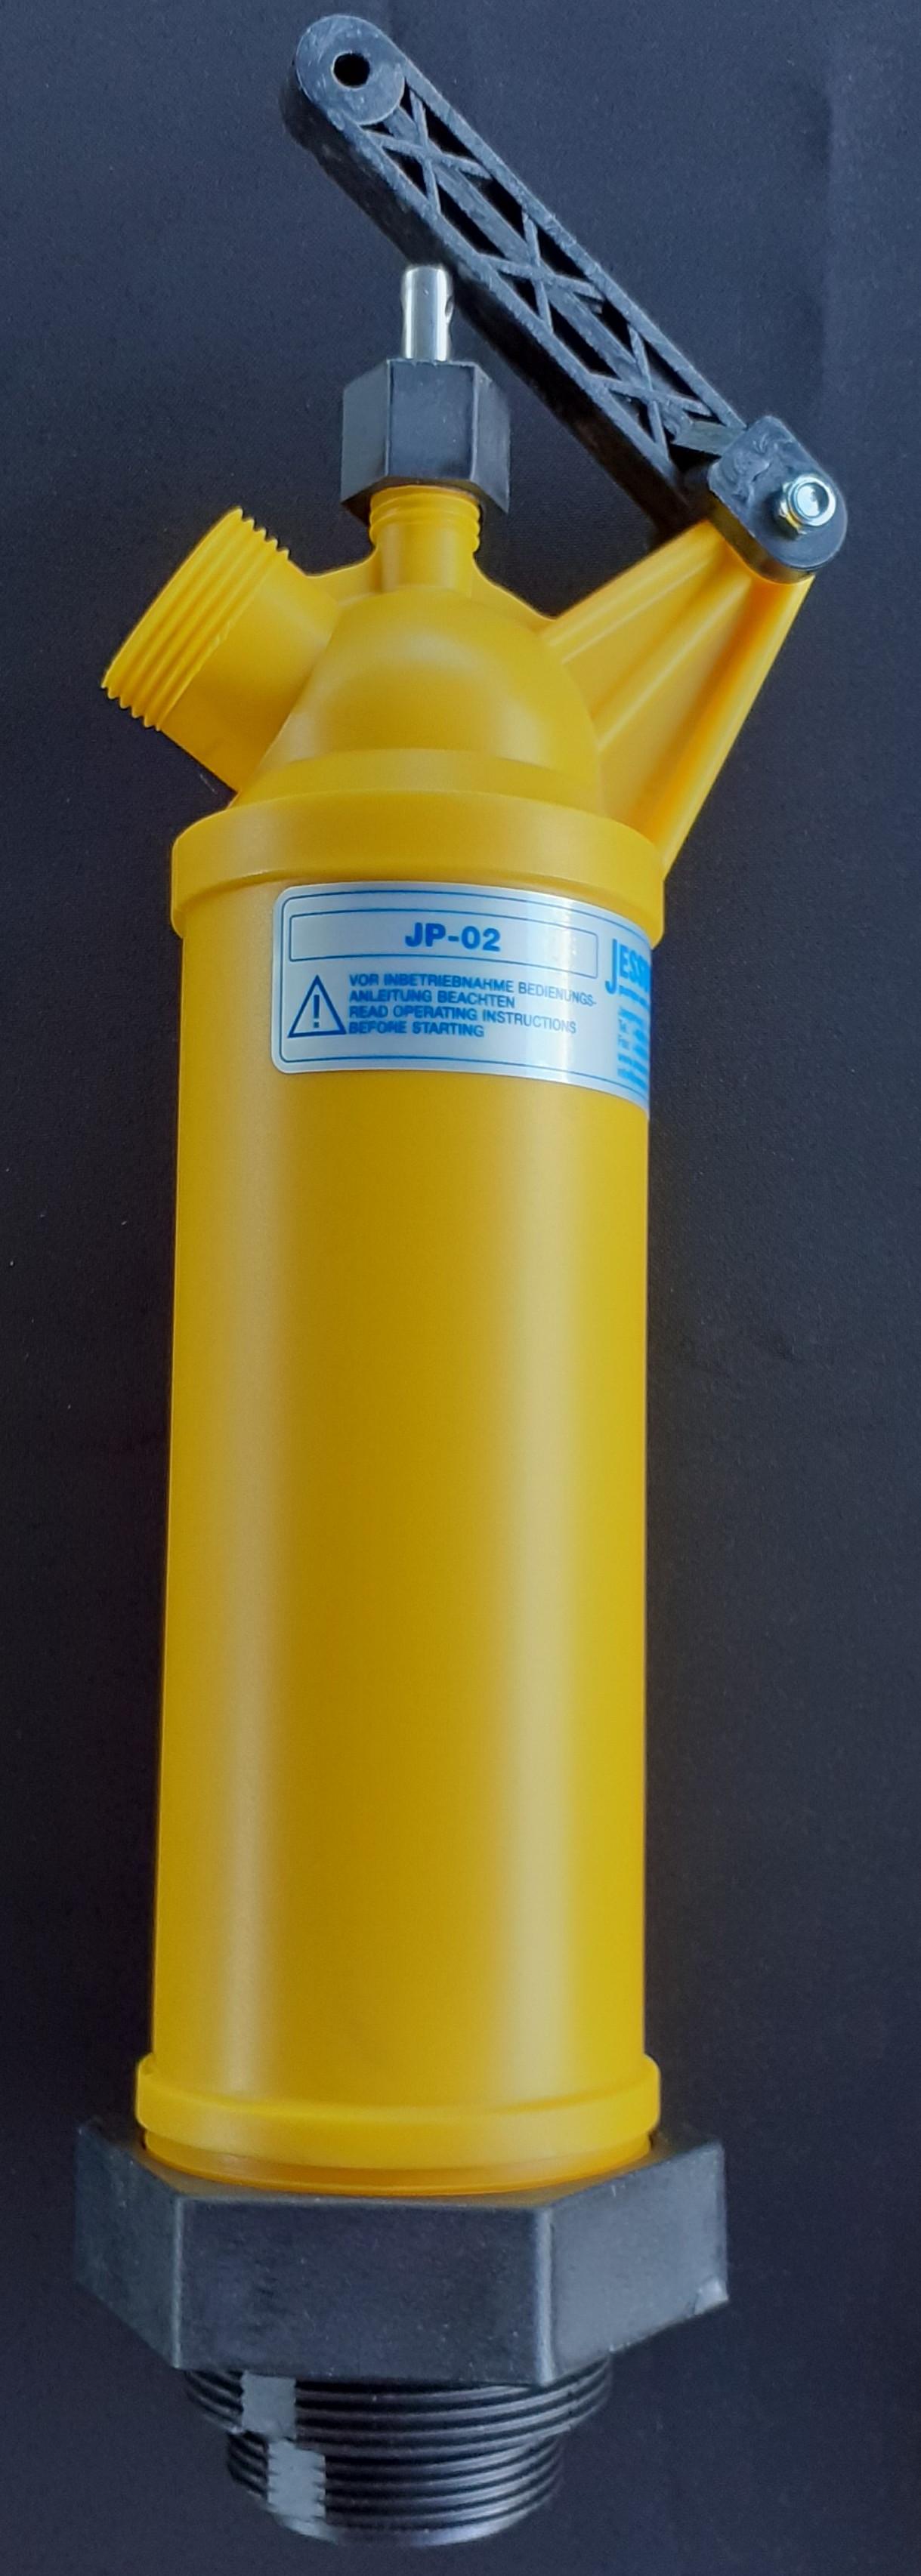 Sudové čerpadlo ruční JP-02